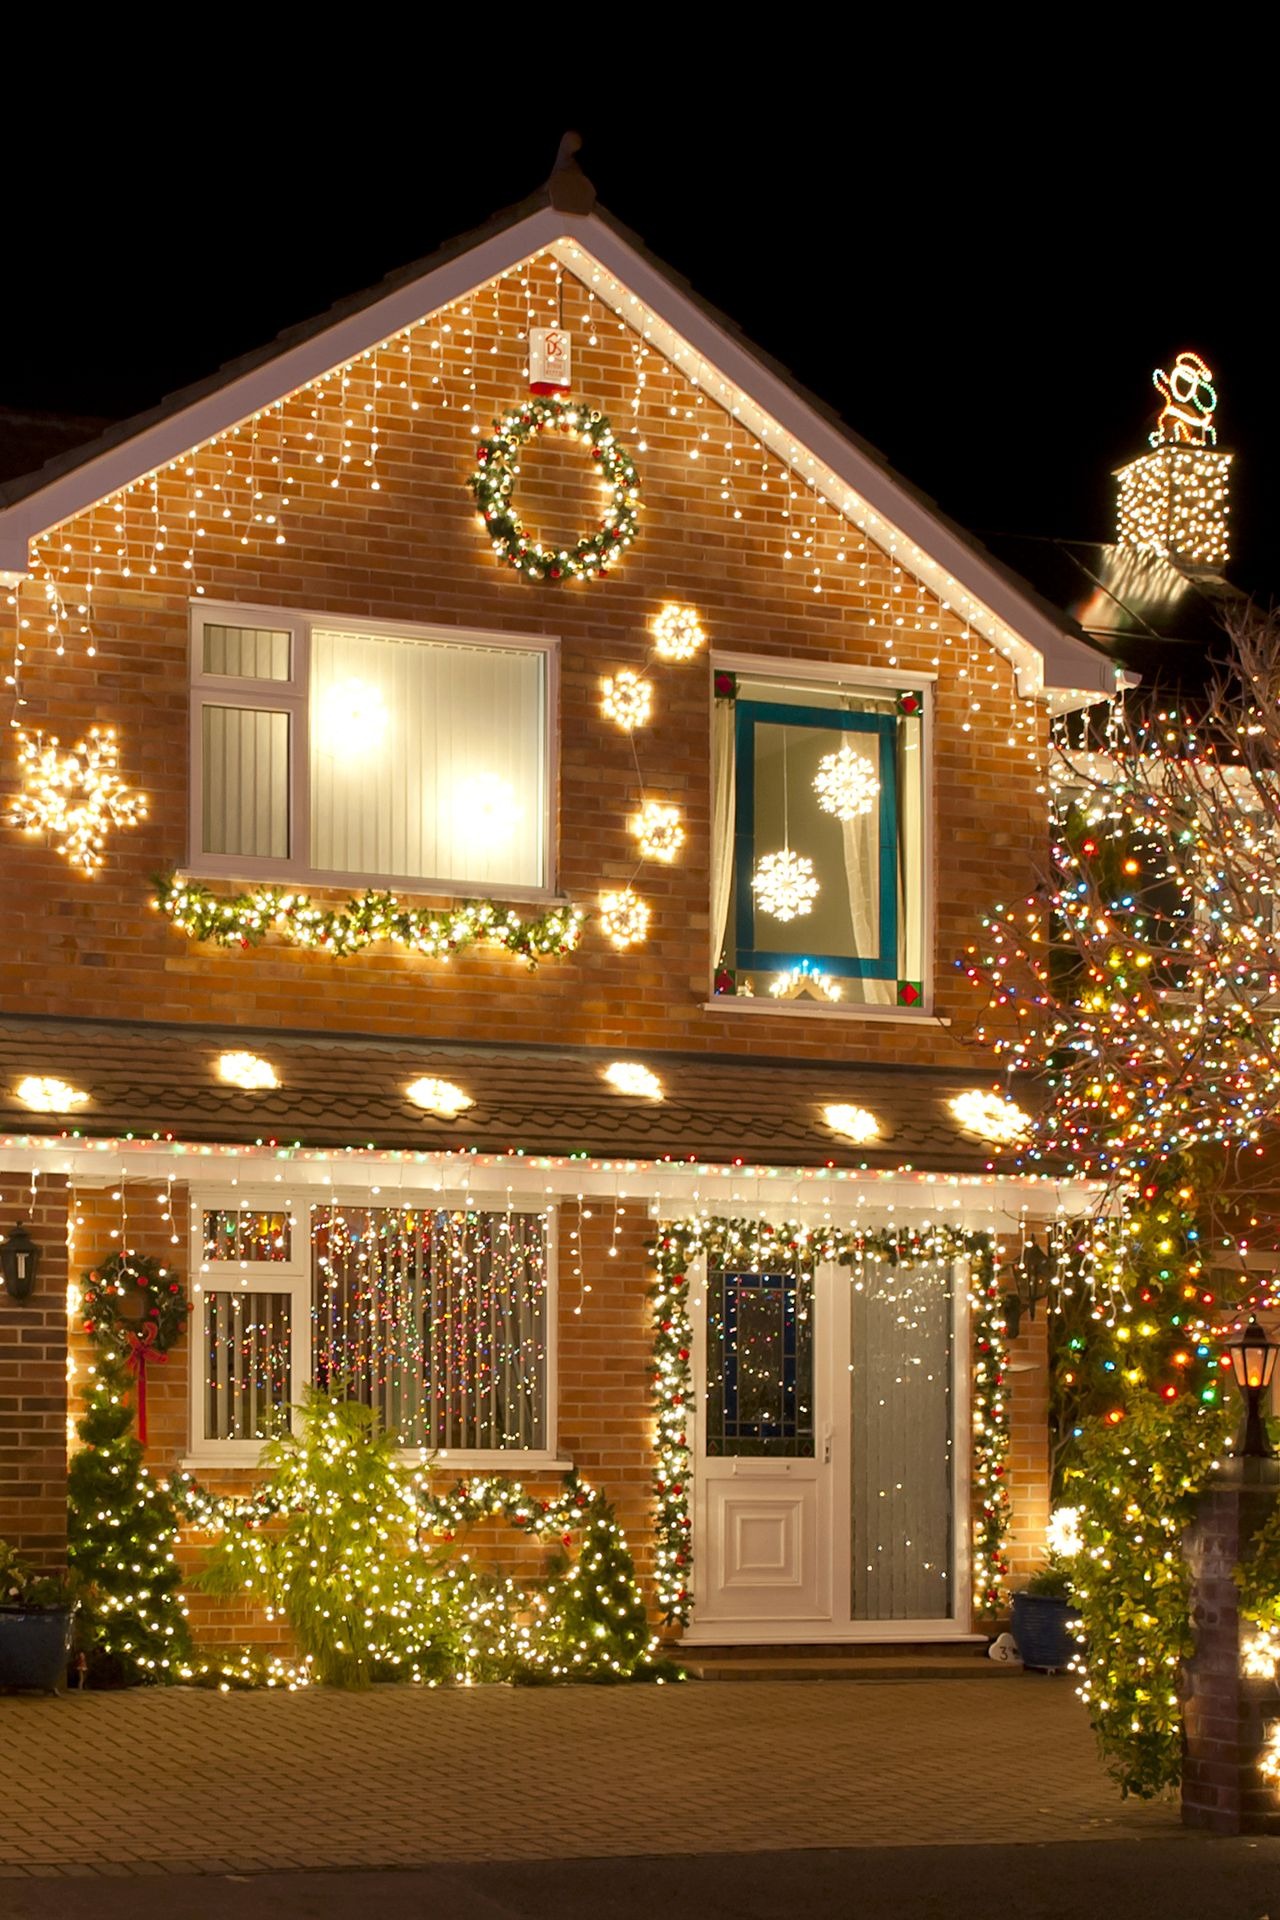 newyear christmas house light 1280x1920